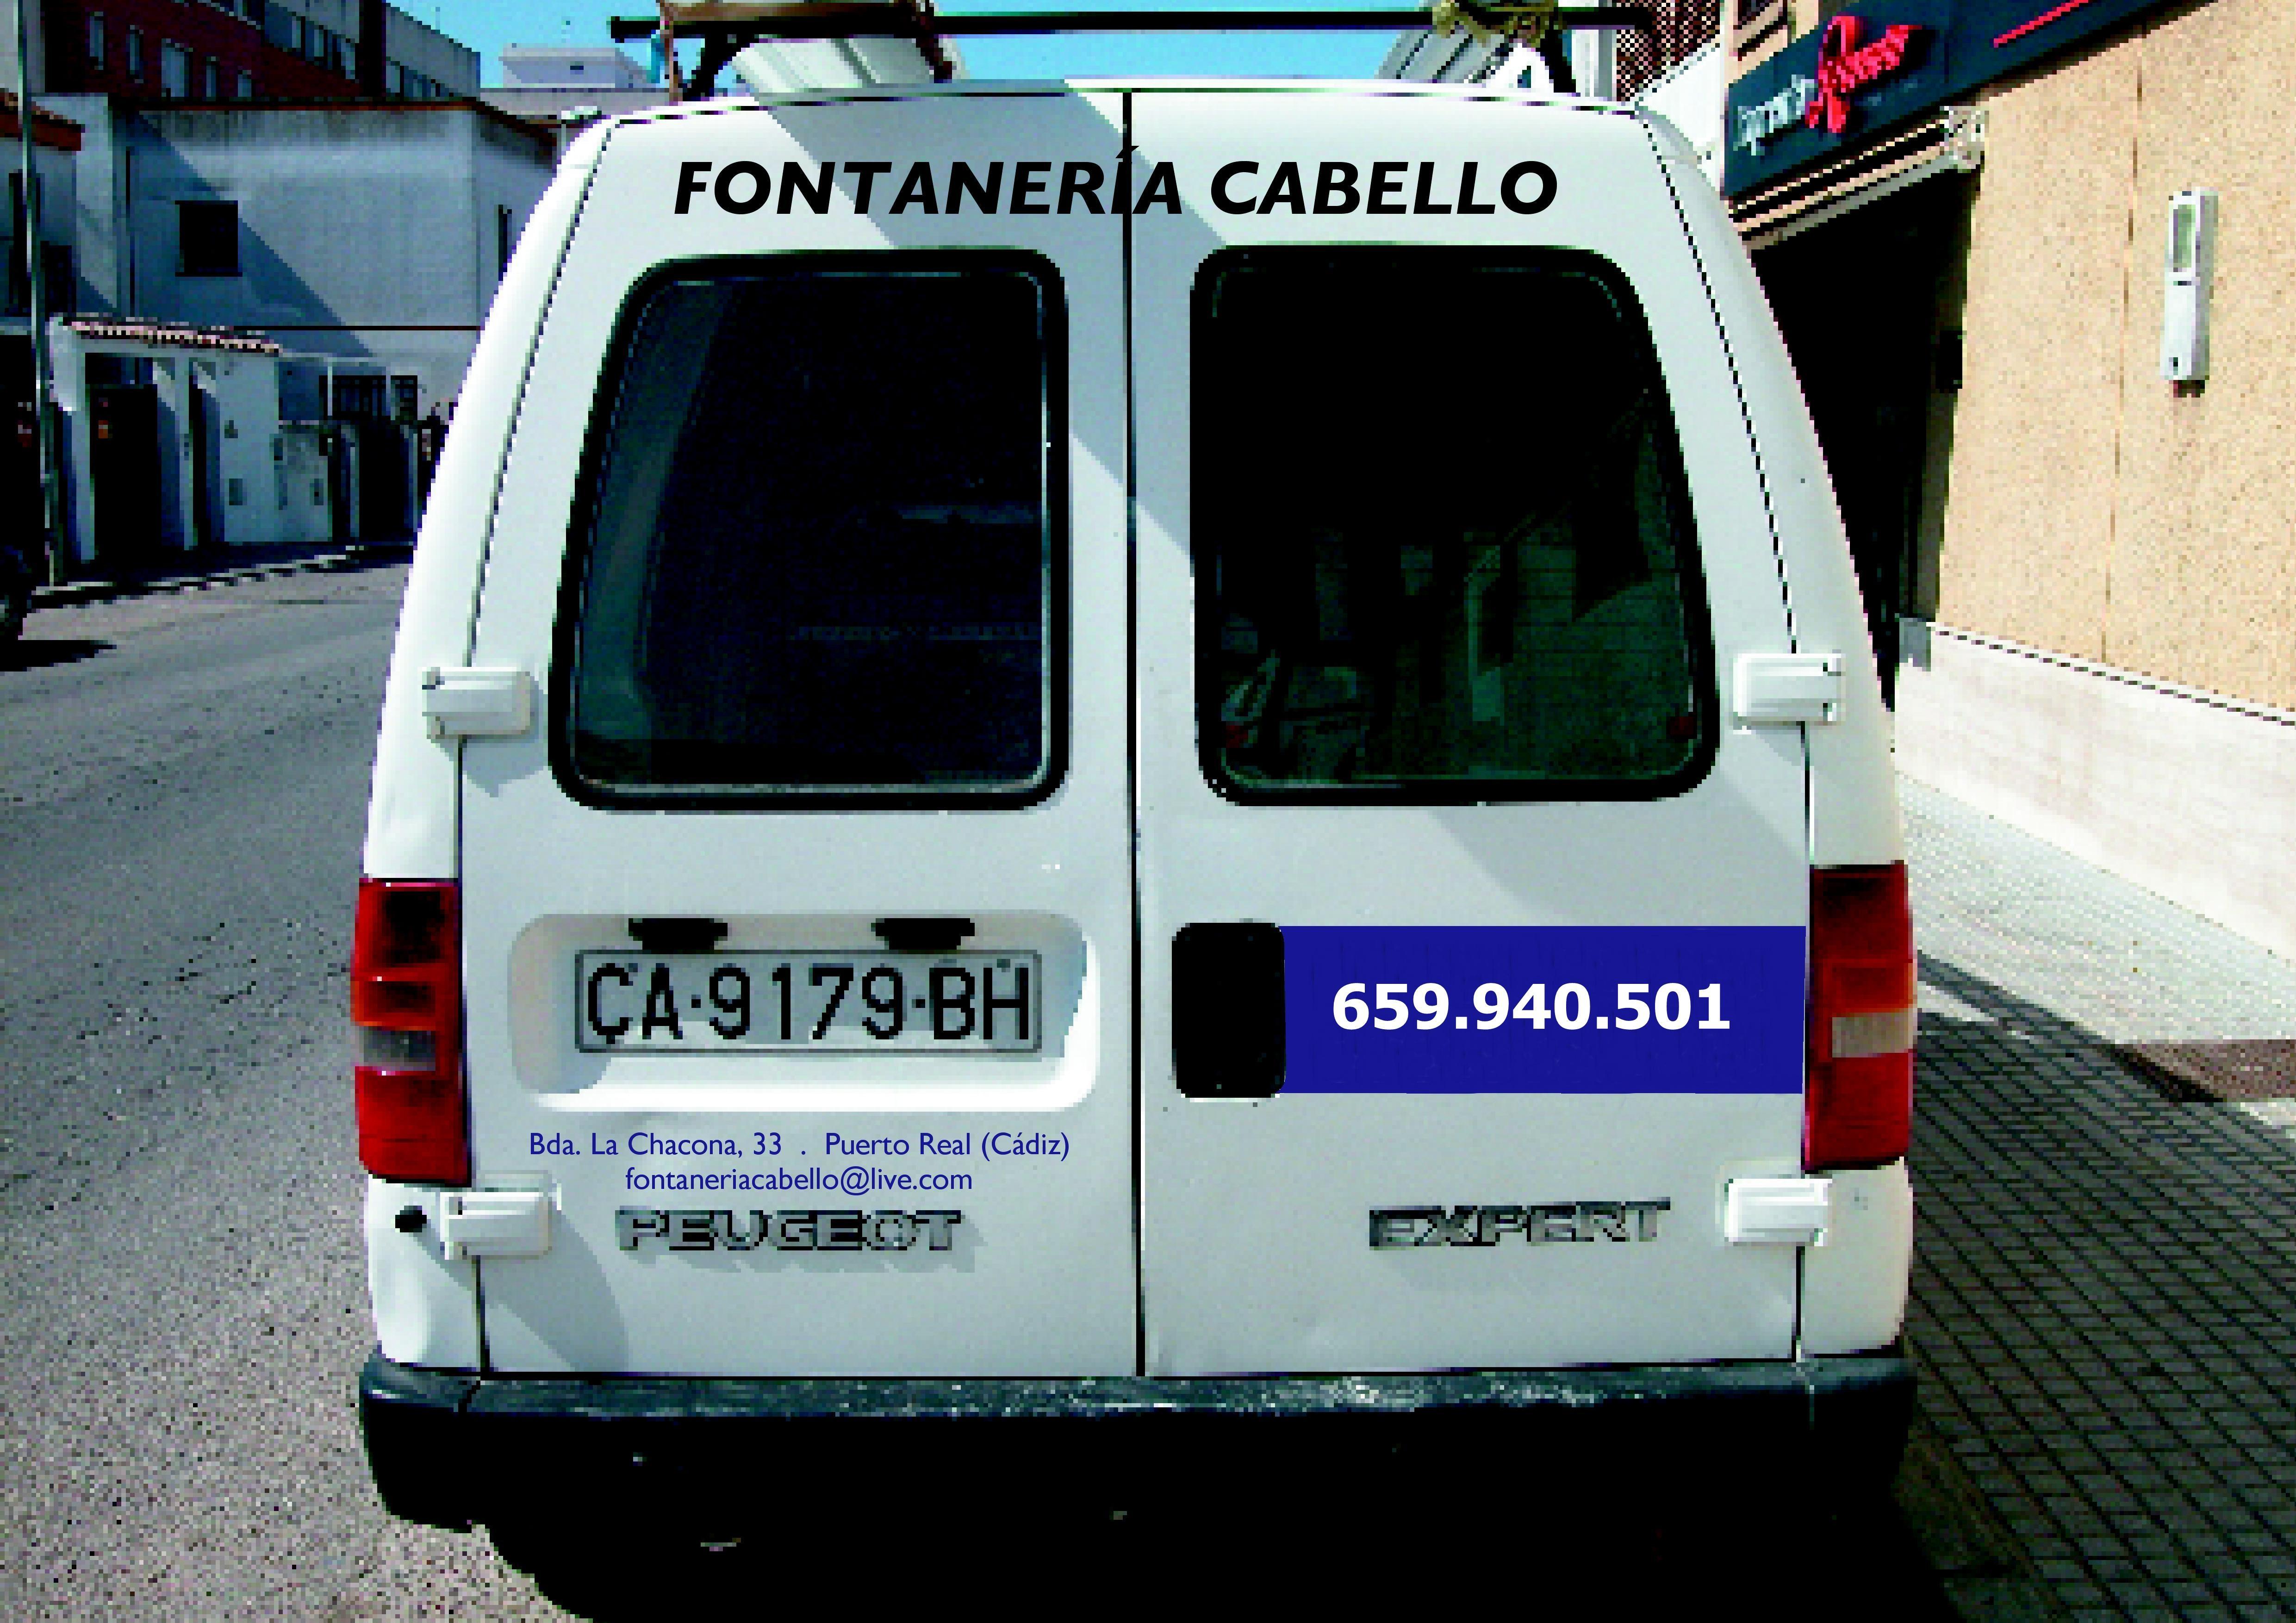 Foto 20 de Fontaneros en Cadiz | Fontaneria cabello S,L.